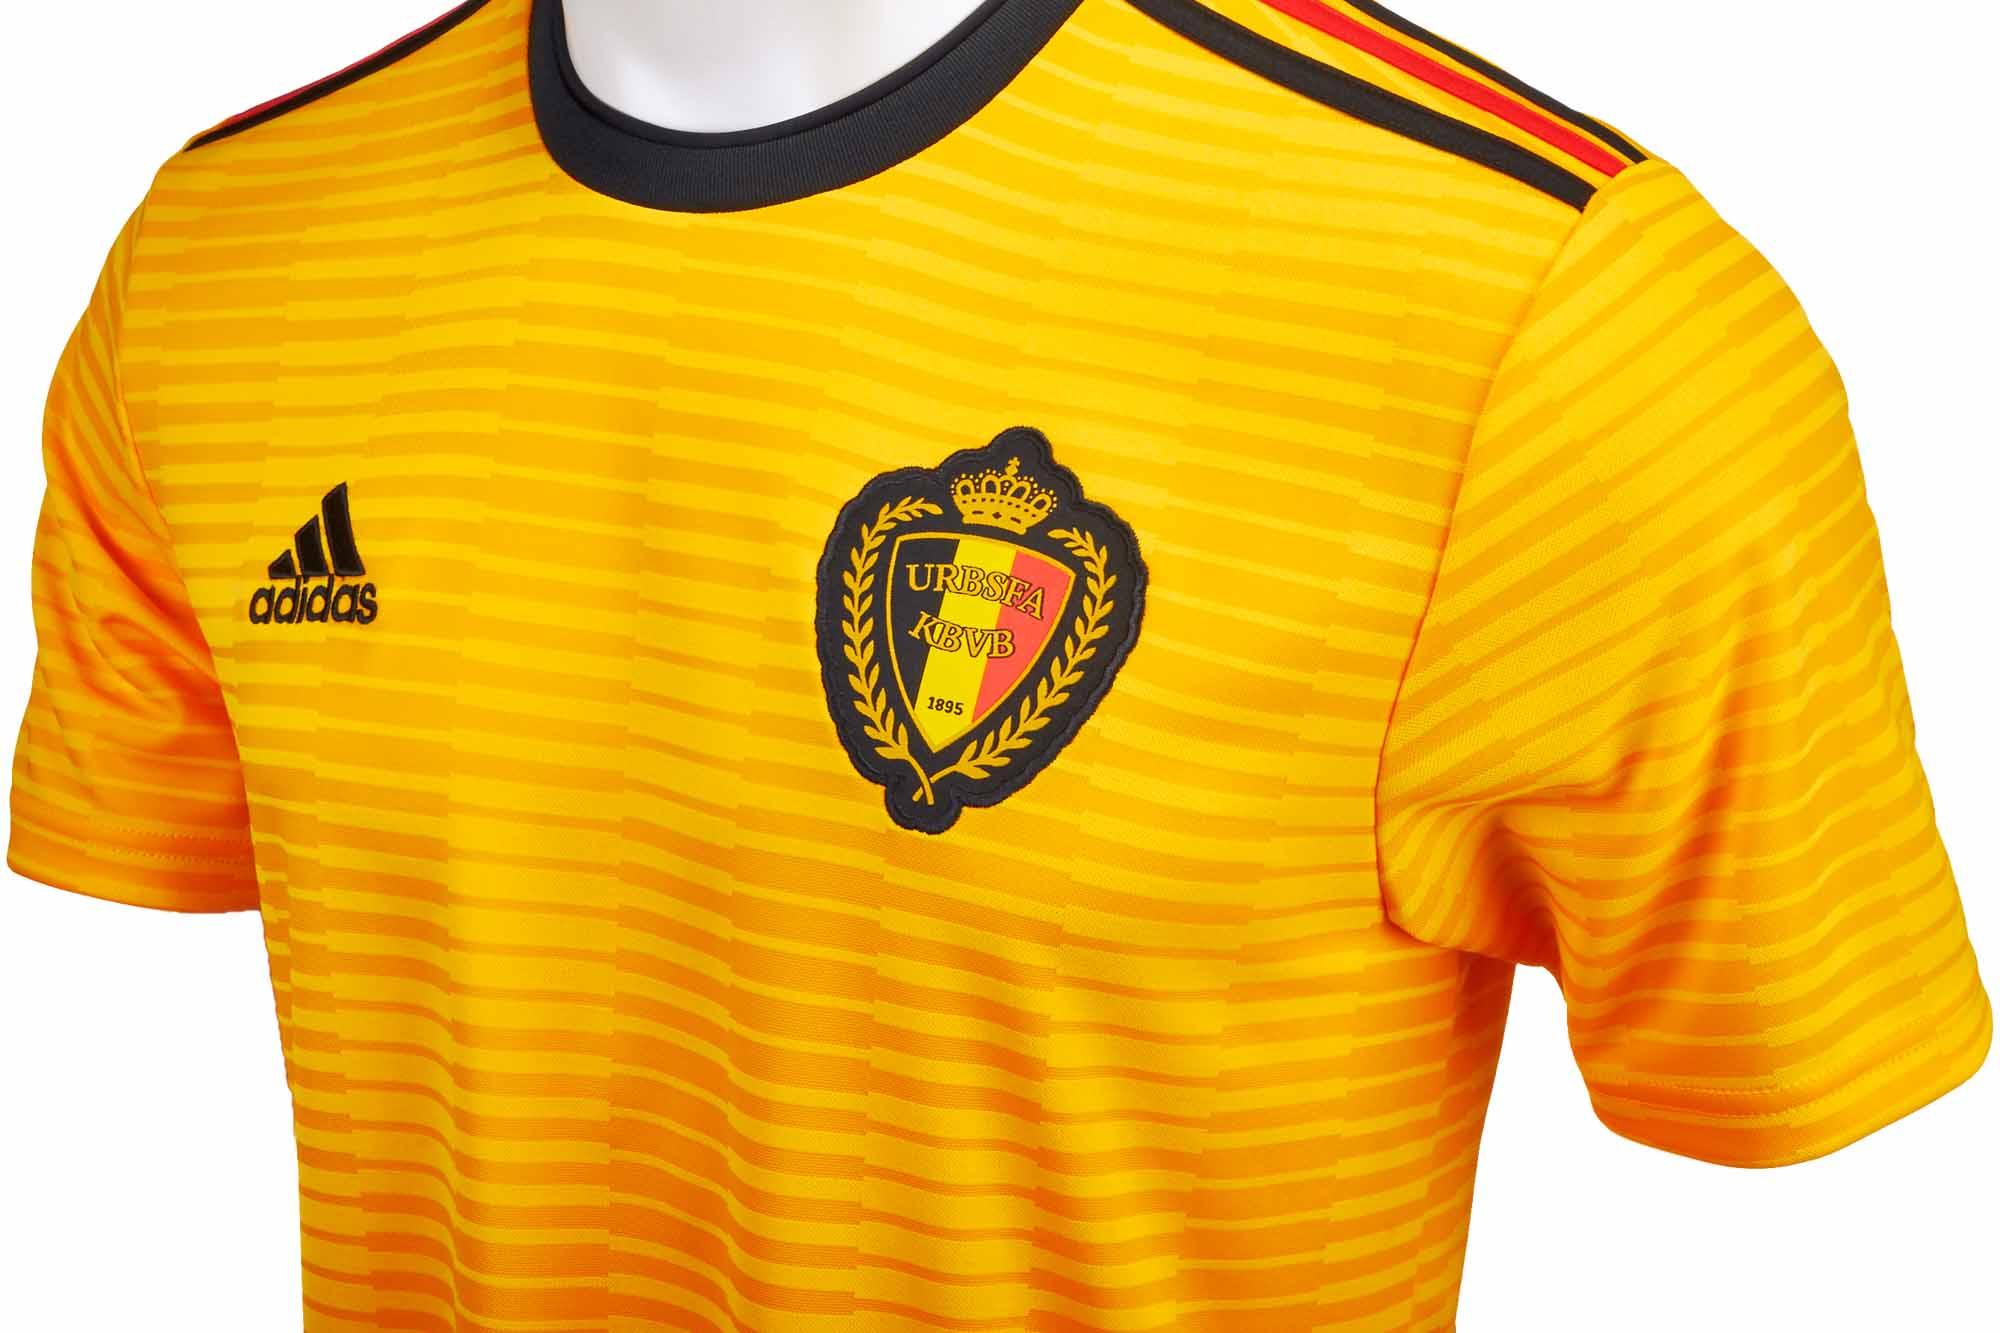 5966afe49 adidas Belgium Away Jersey 2018-19 - SoccerPro.com